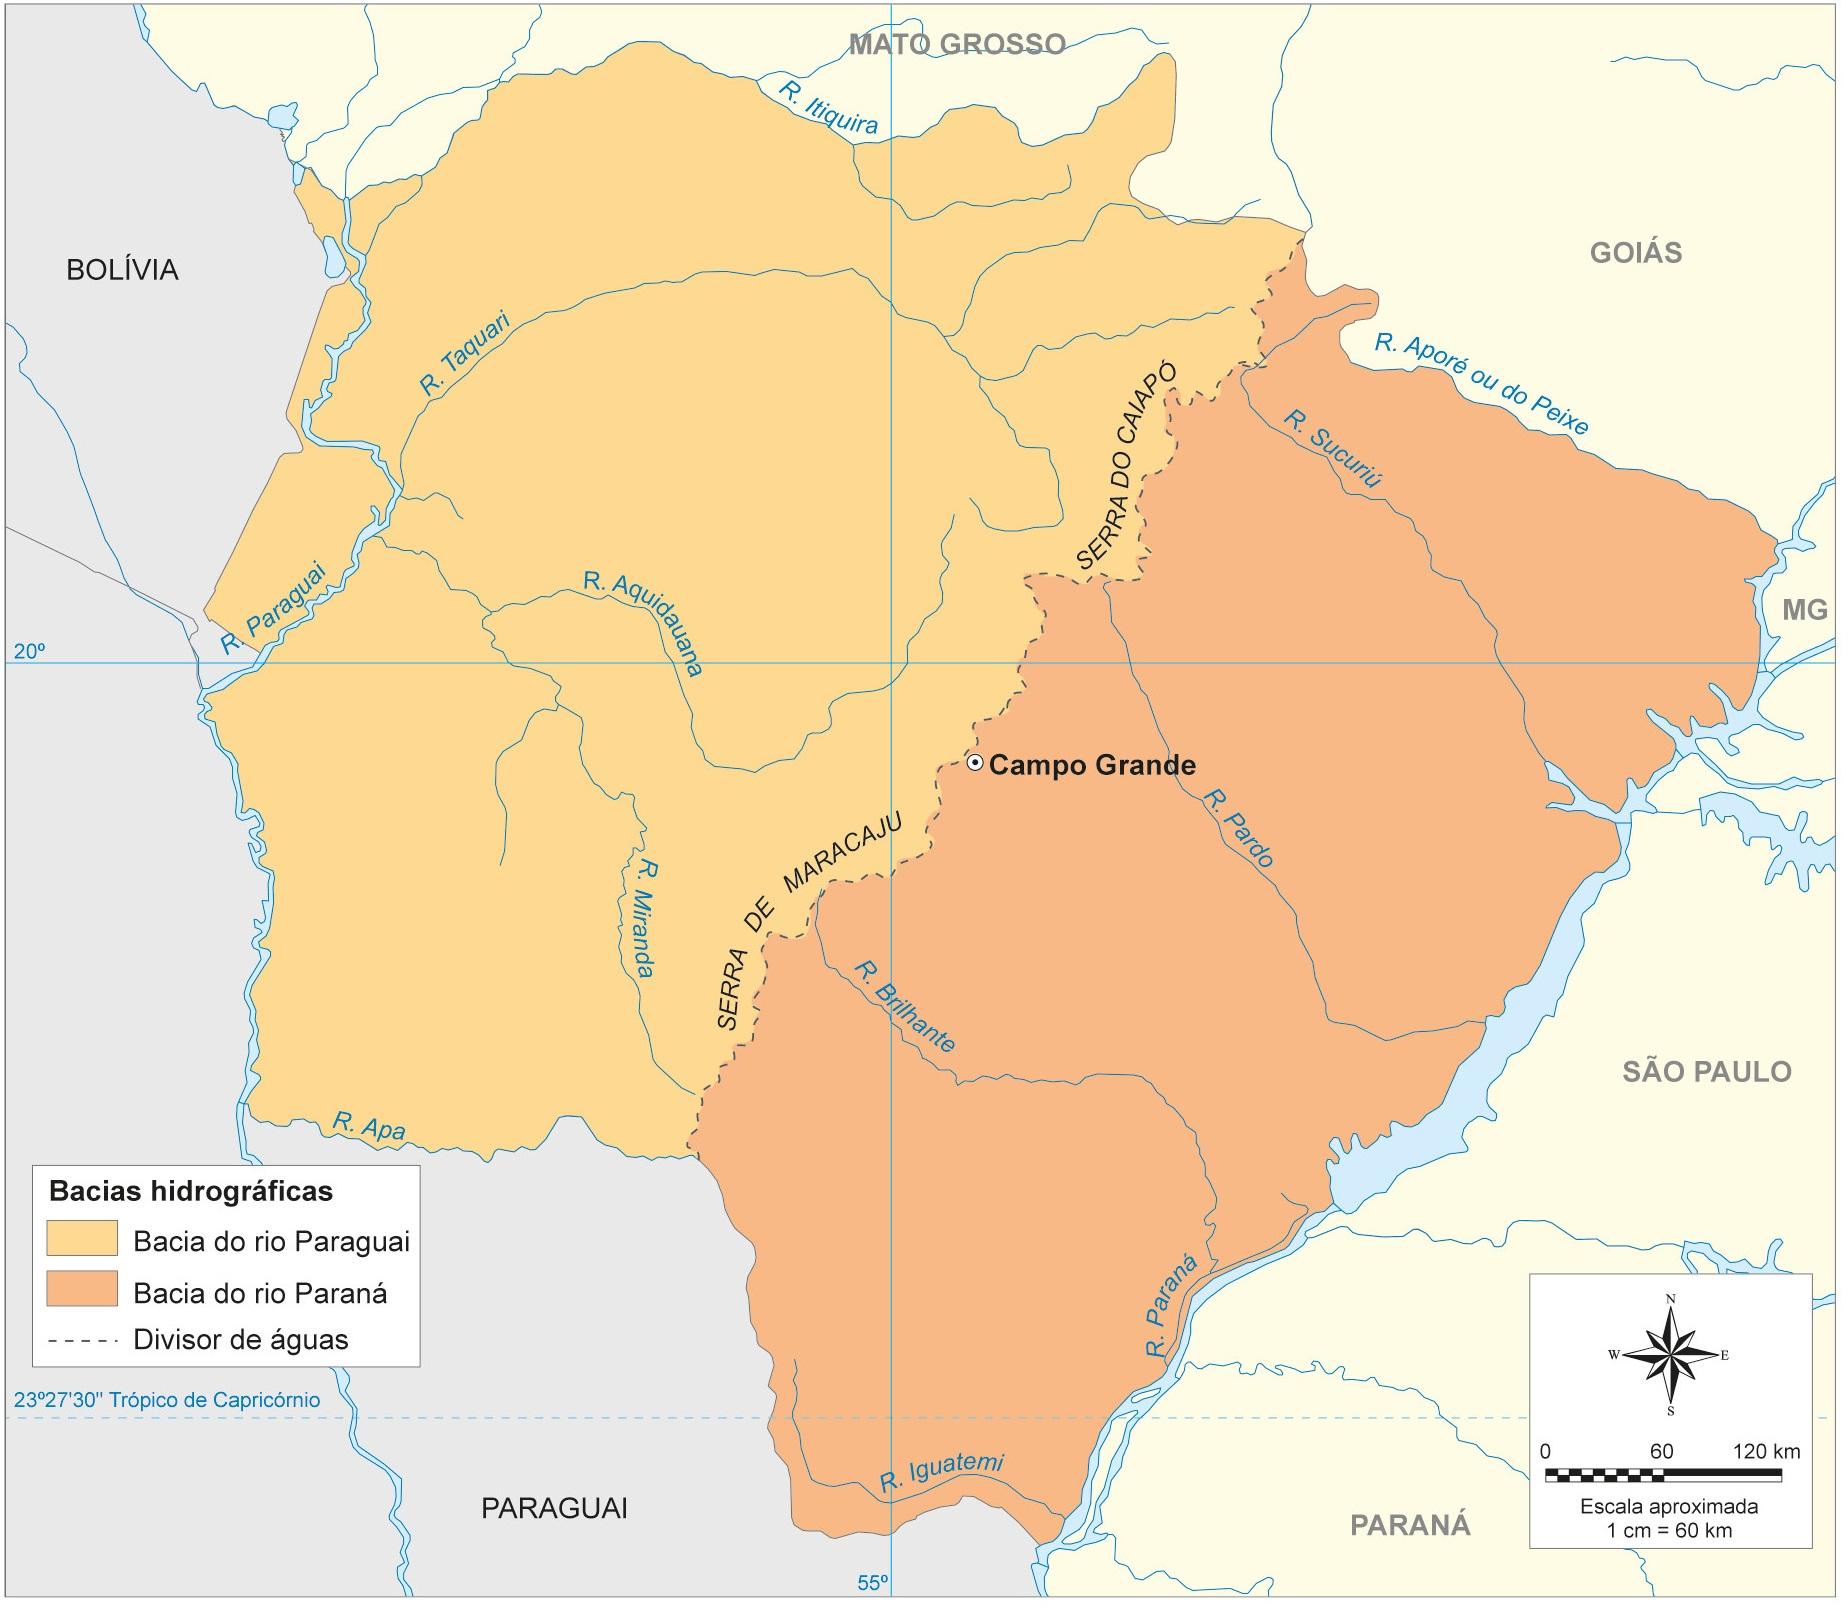 Mato Grosso do Sul – bacias hidrográficas